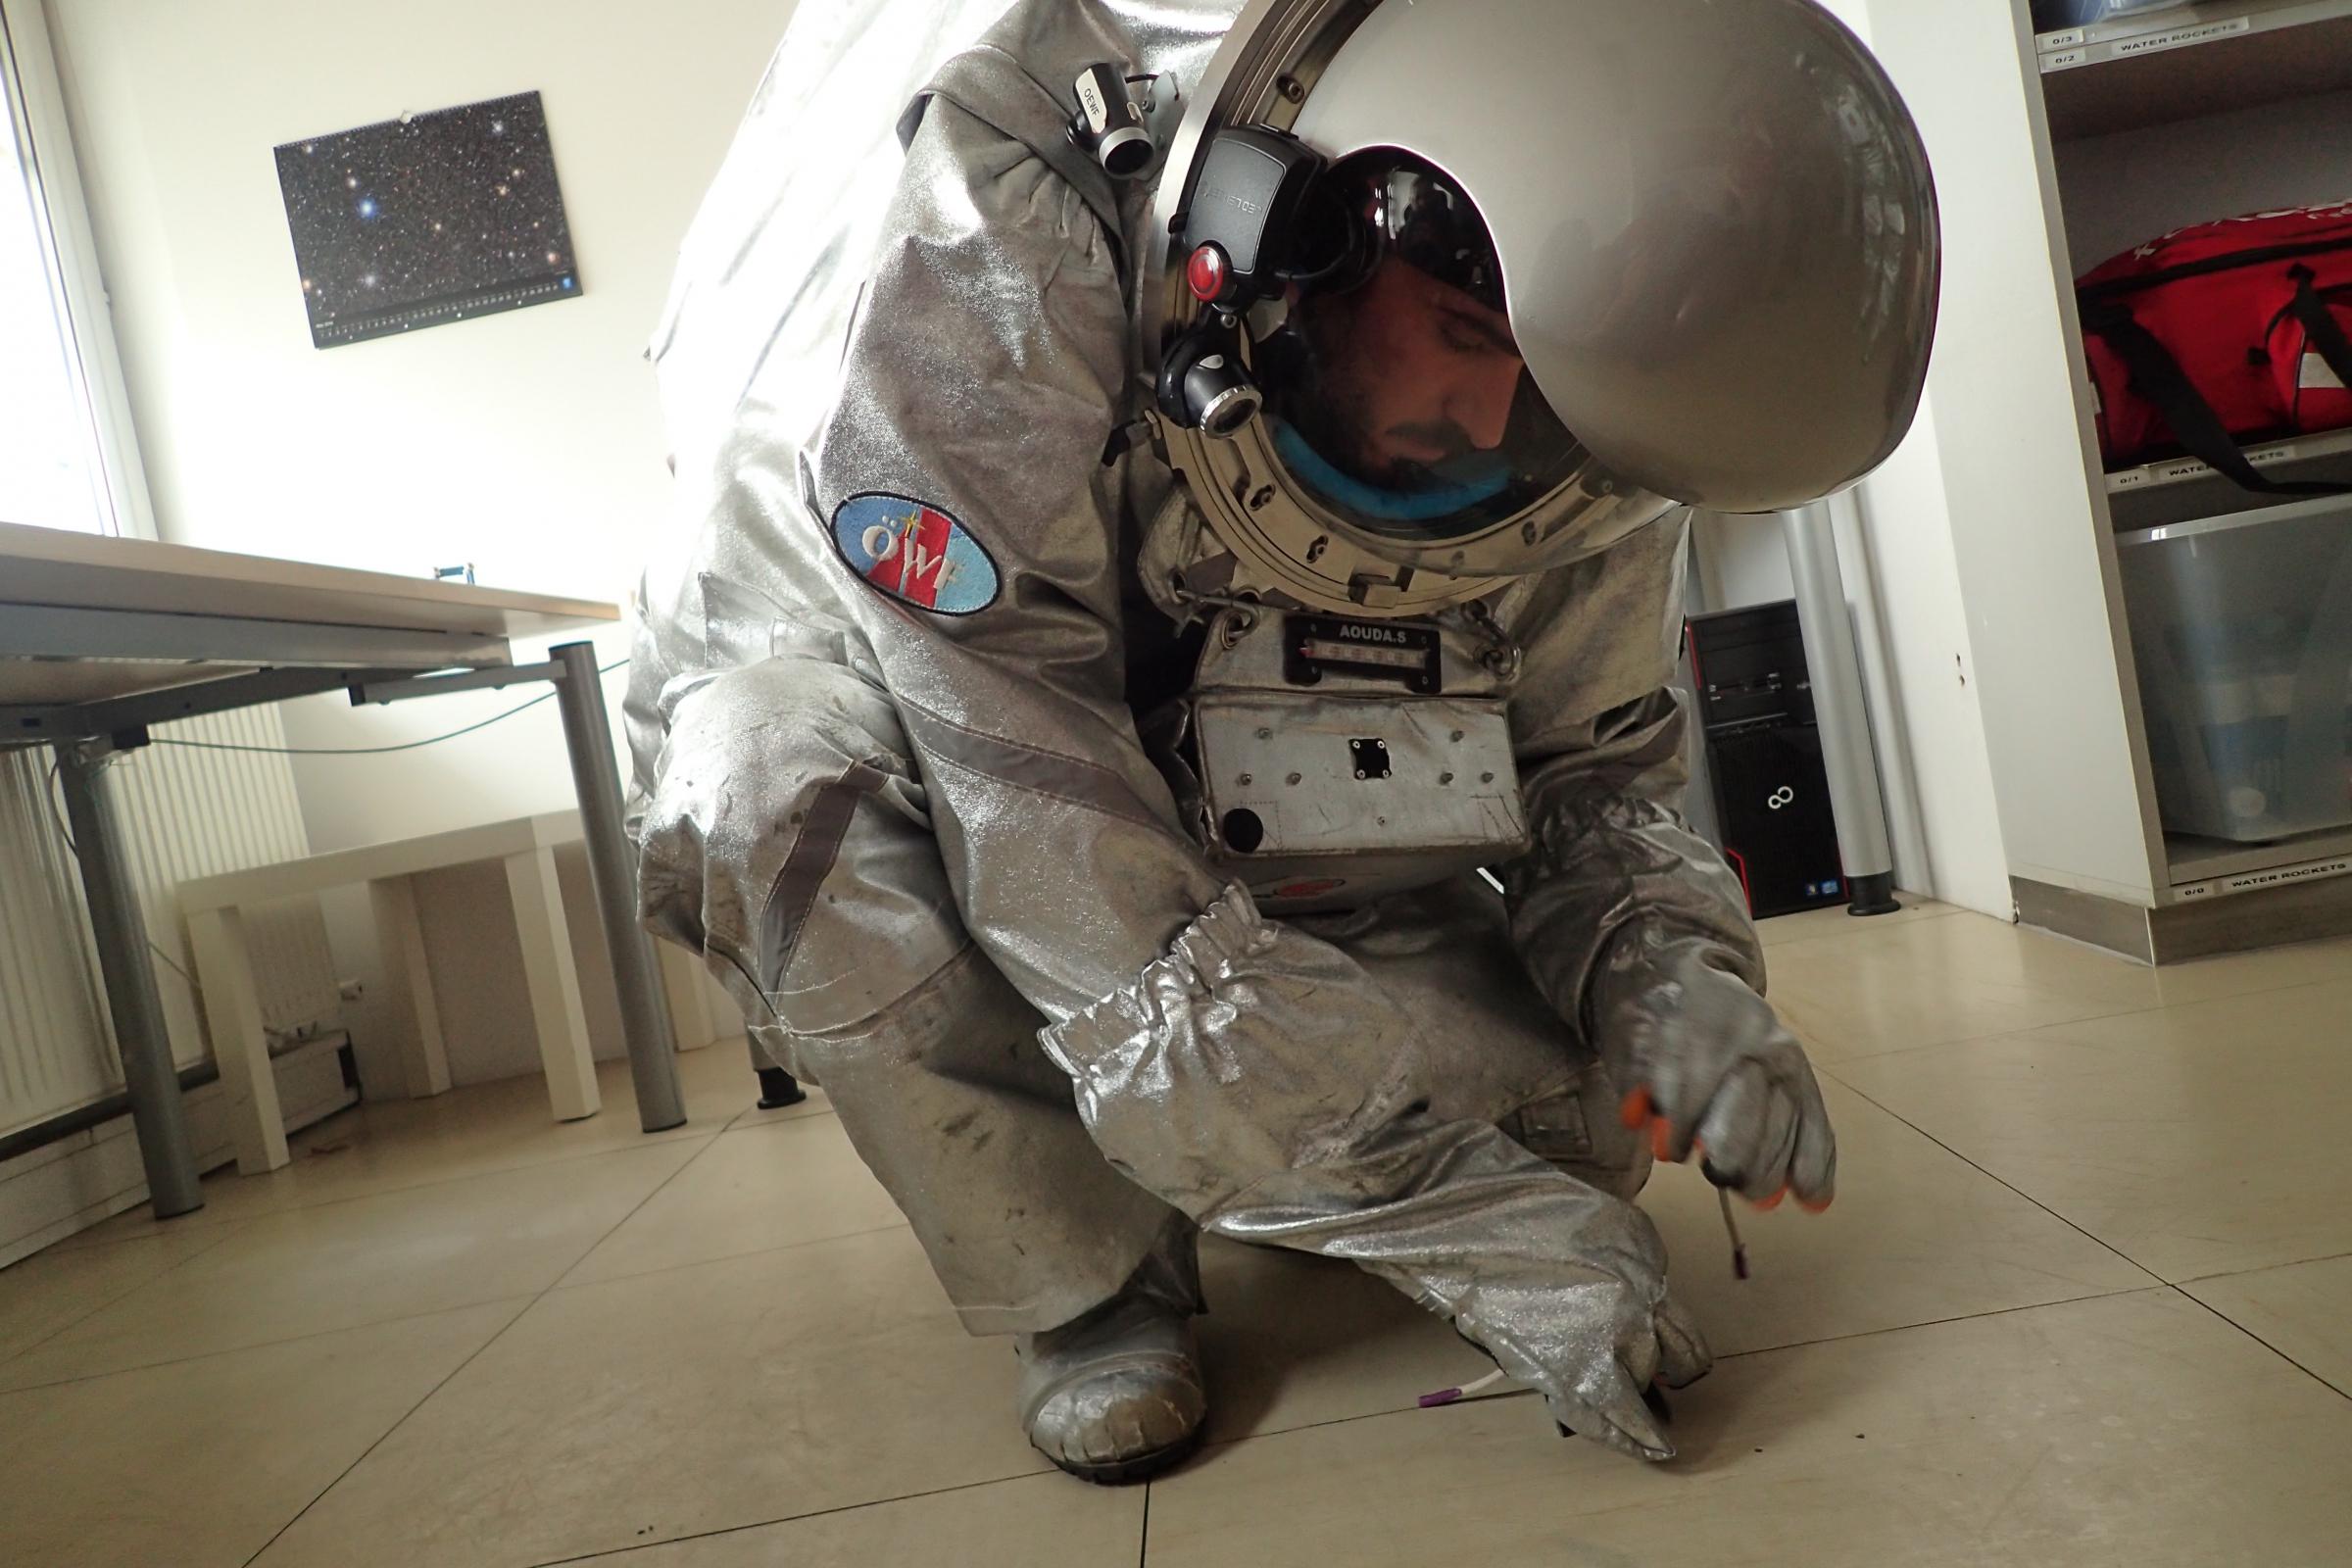 פעולות פשוטות הופכות מאתגרות מאוד בחליפת חלל מסורבלת. טנצר באימונים | צילום: פורום החלל האוסטרי, OeWF